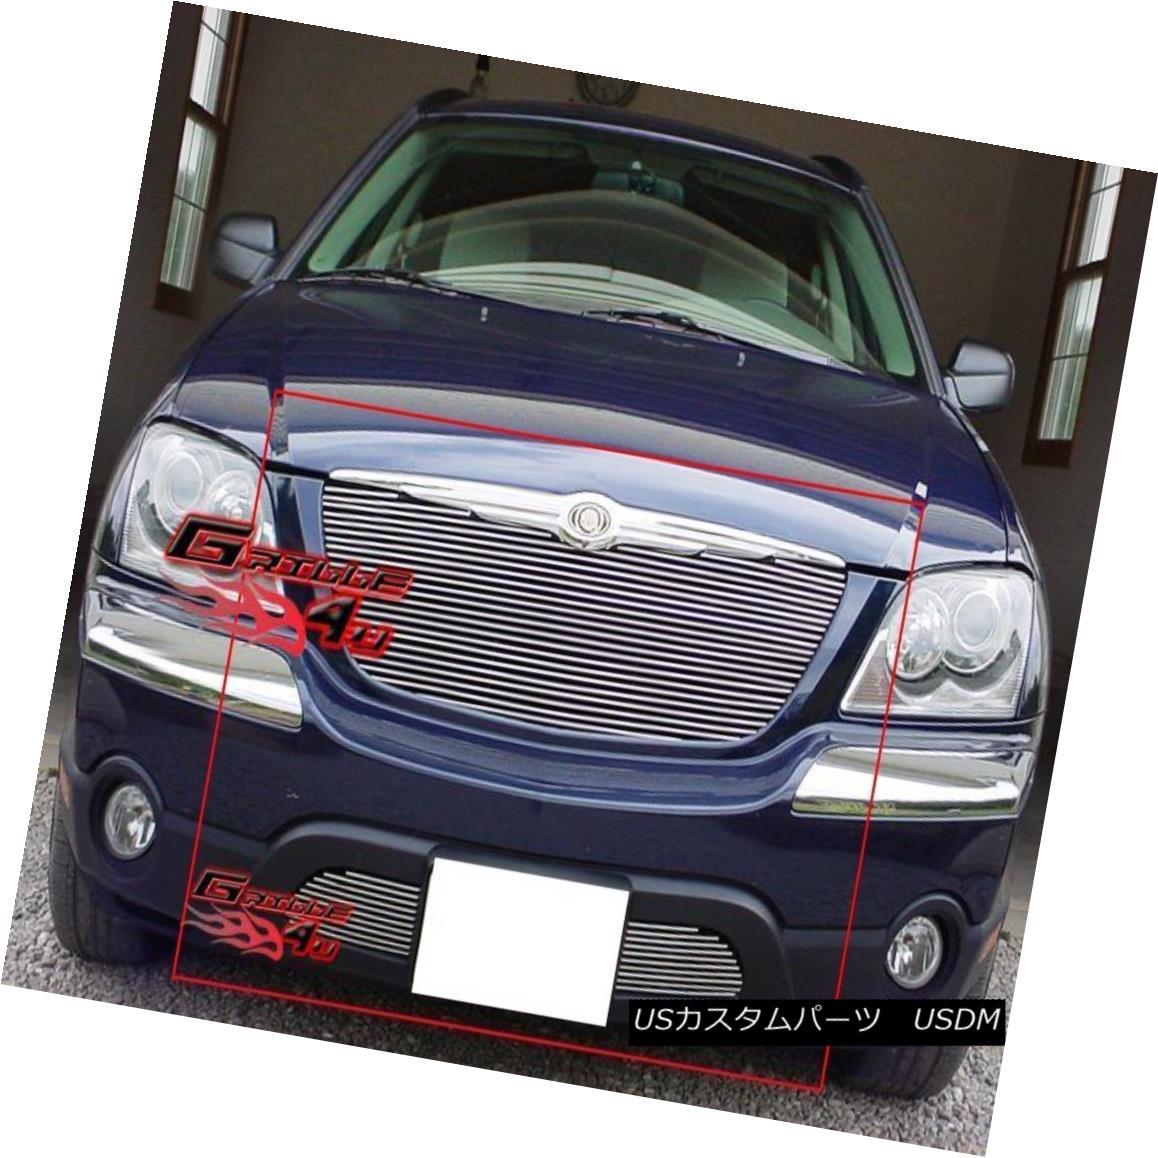 グリル Fits 2004-2006 Chrysler Pacifica Billet Grille Combo フィット2004-2006クライスラーパシフィカビレットグリルコンボ